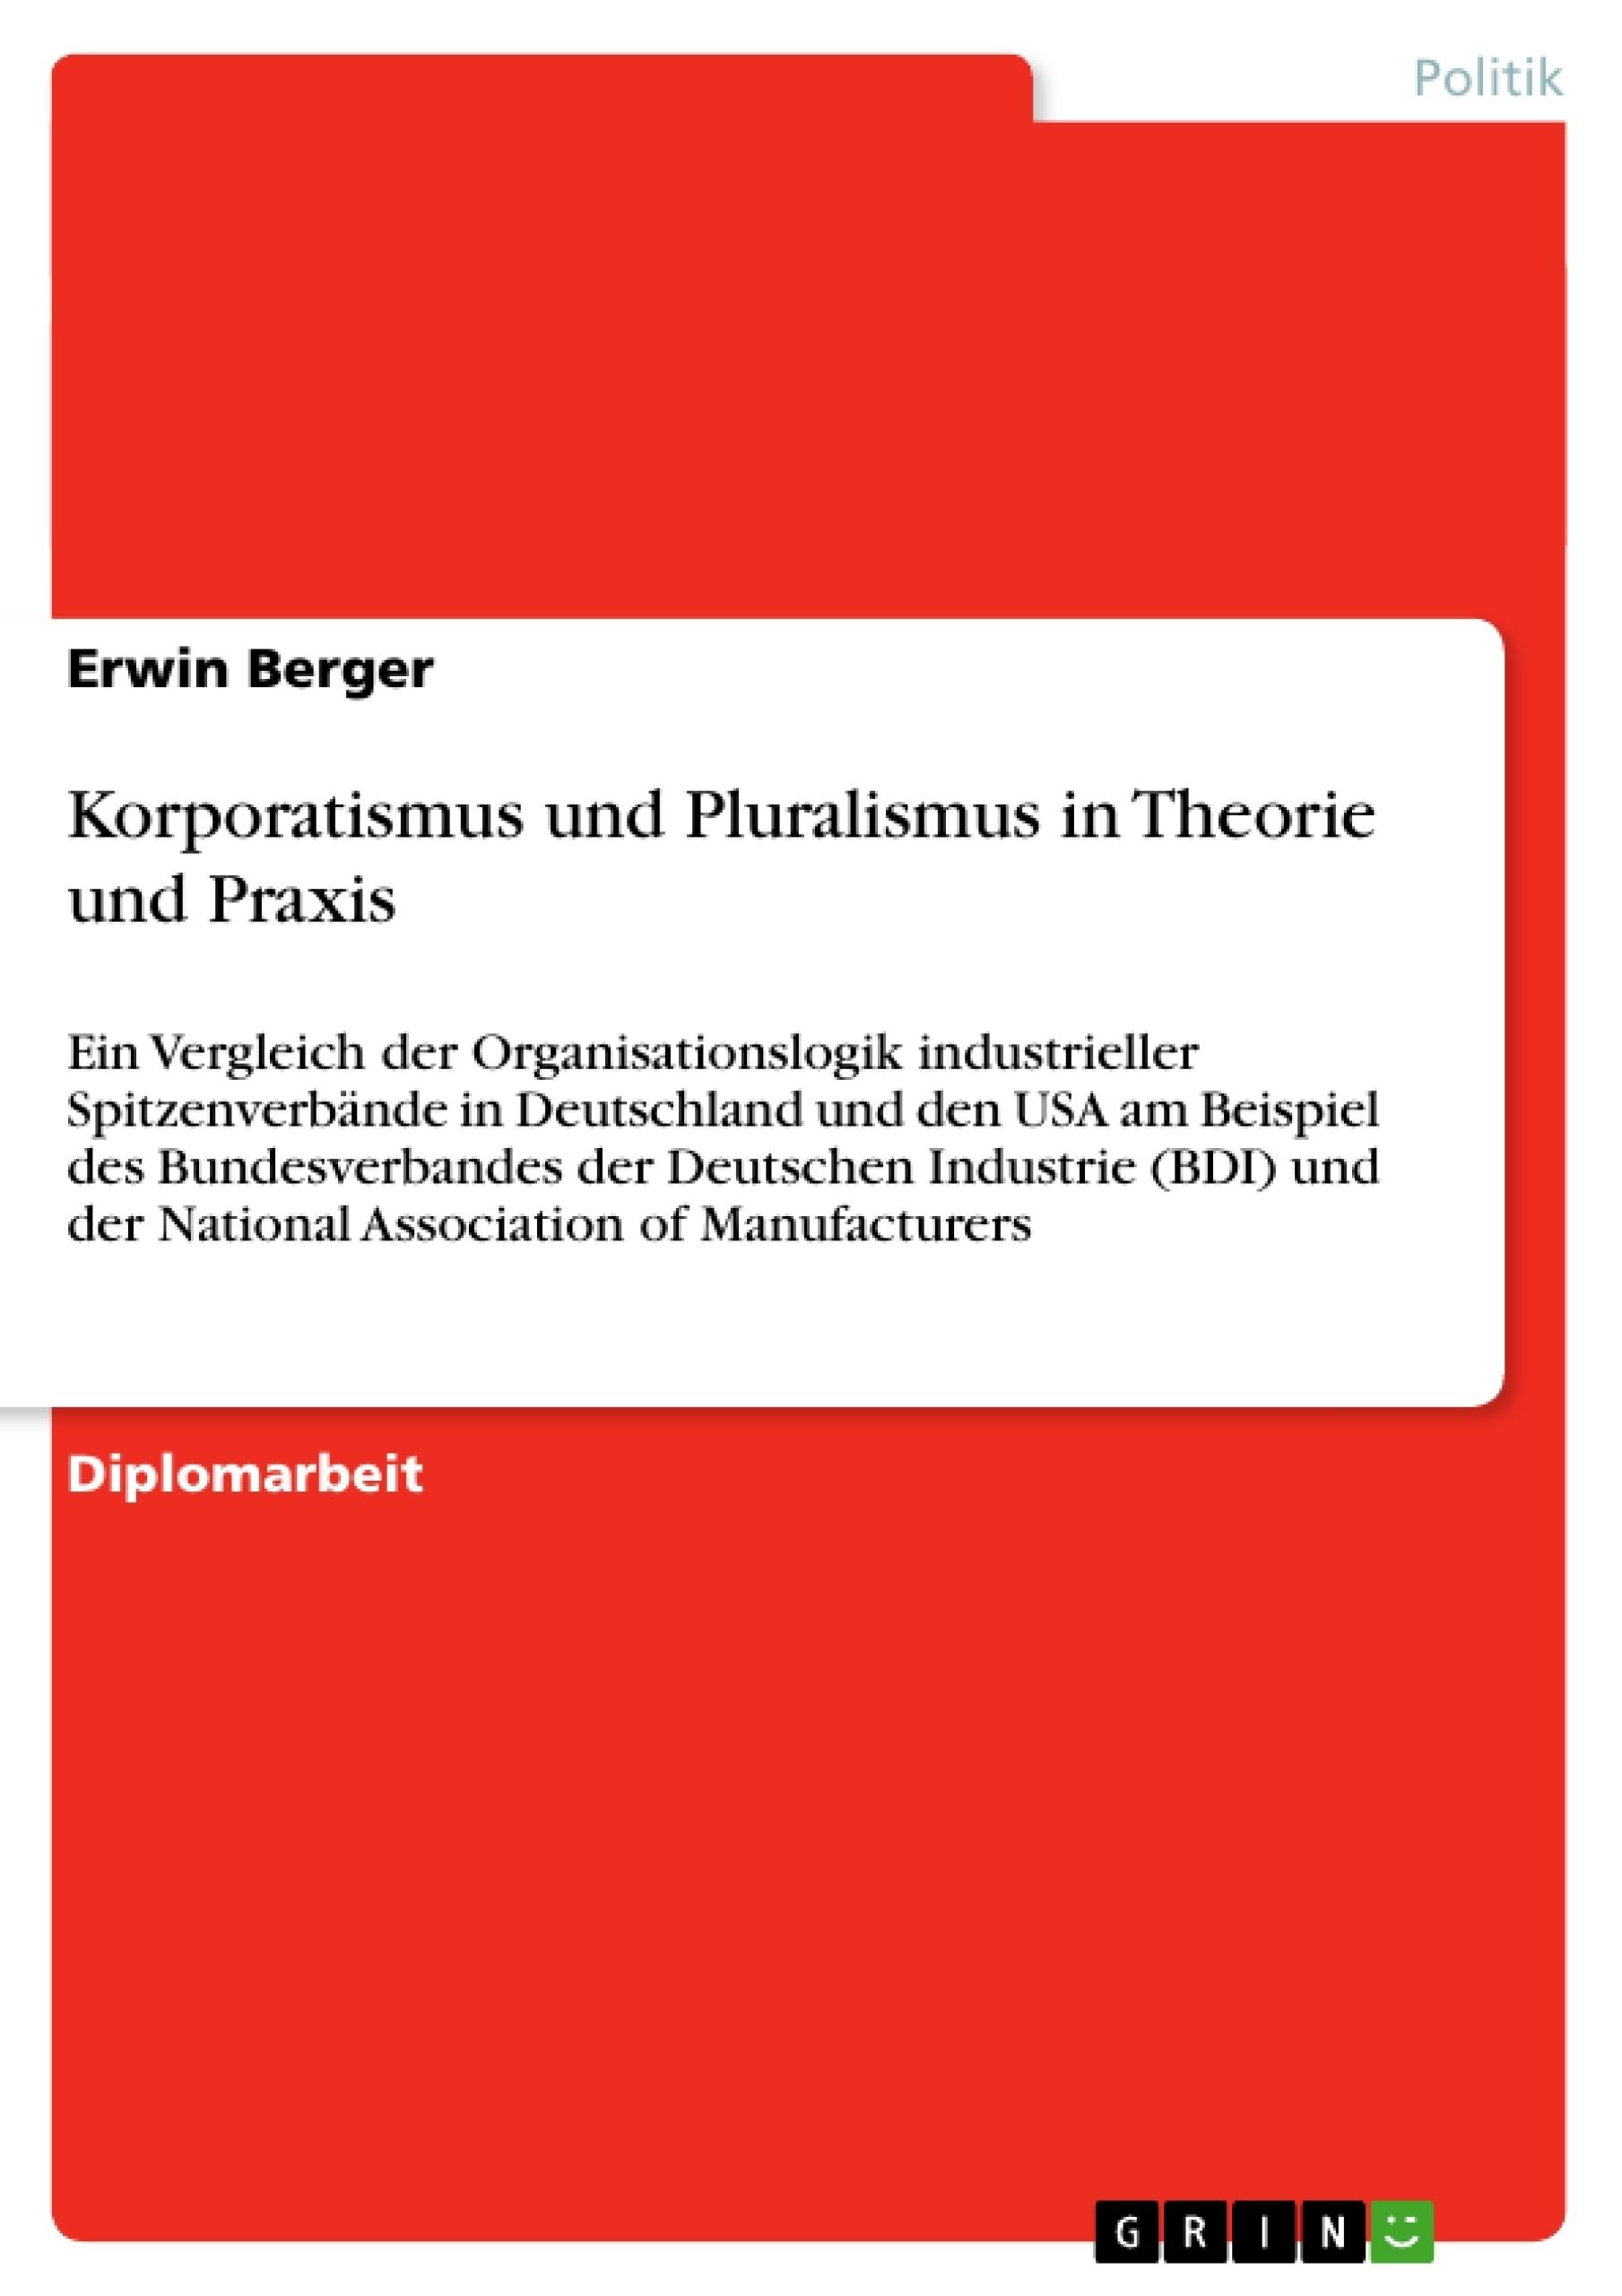 Titel: Korporatismus und Pluralismus in Theorie und Praxis